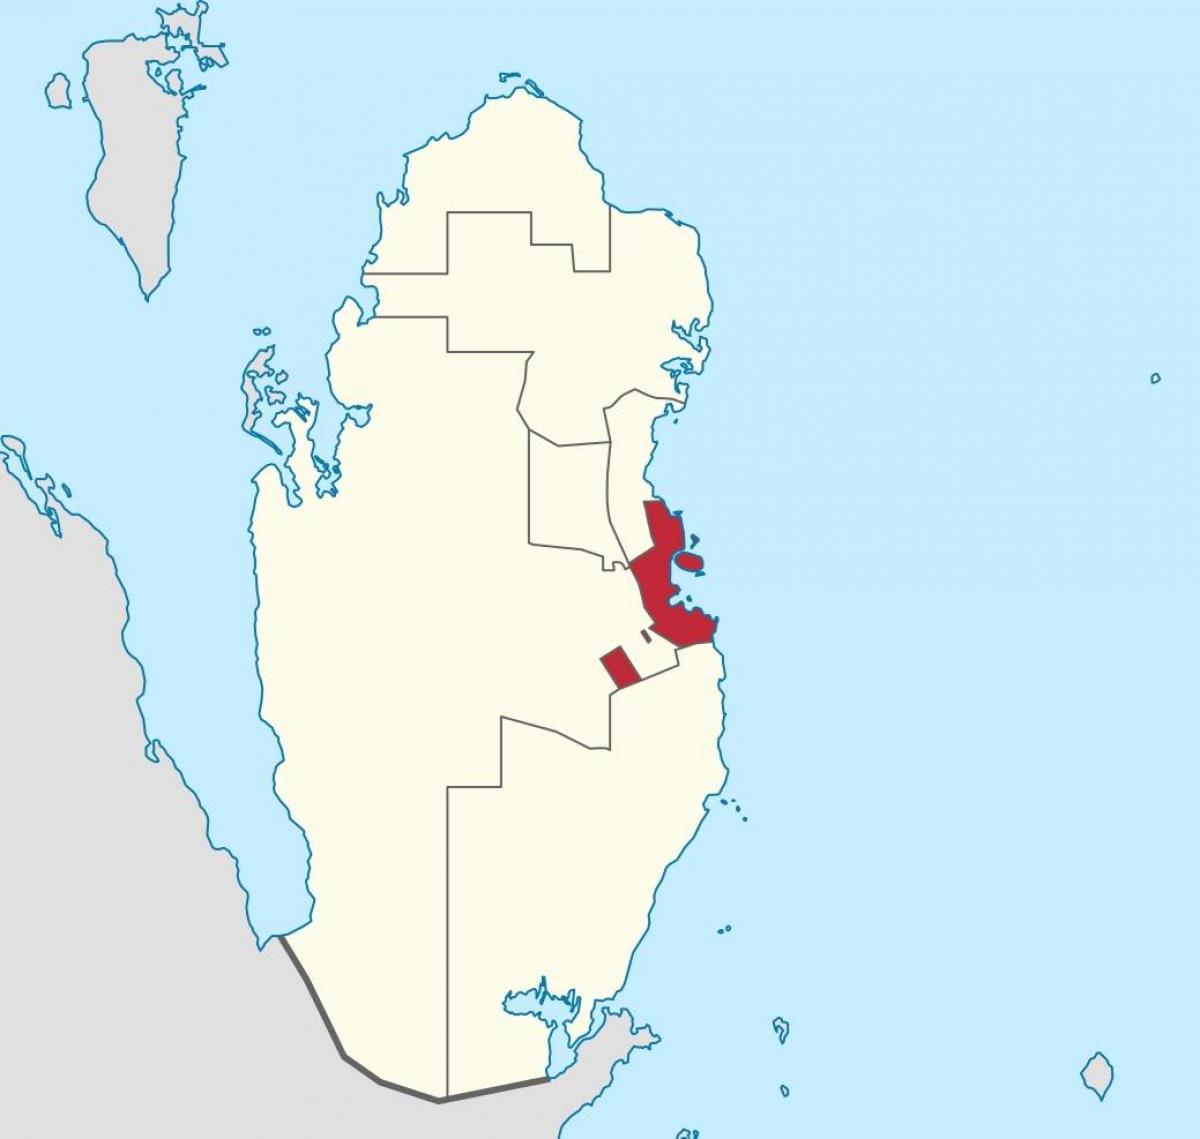 Doha Karte Welt.Doha Katar Standort Auf Weltkarte Karte Von Doha Katar